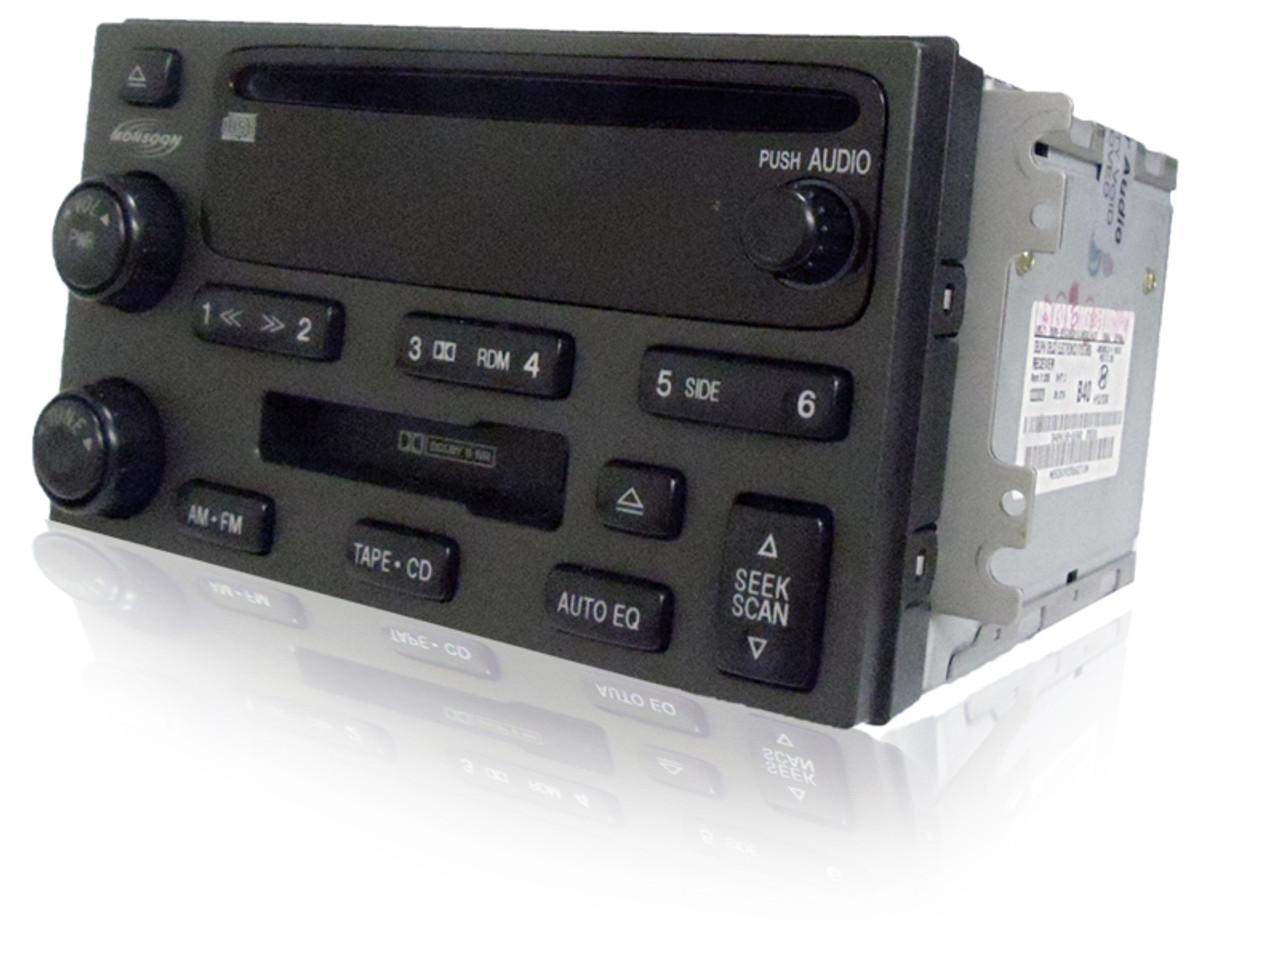 03 05 06 Santa Fe Radio Cd Cassette Cd Player 6 Cd Changer